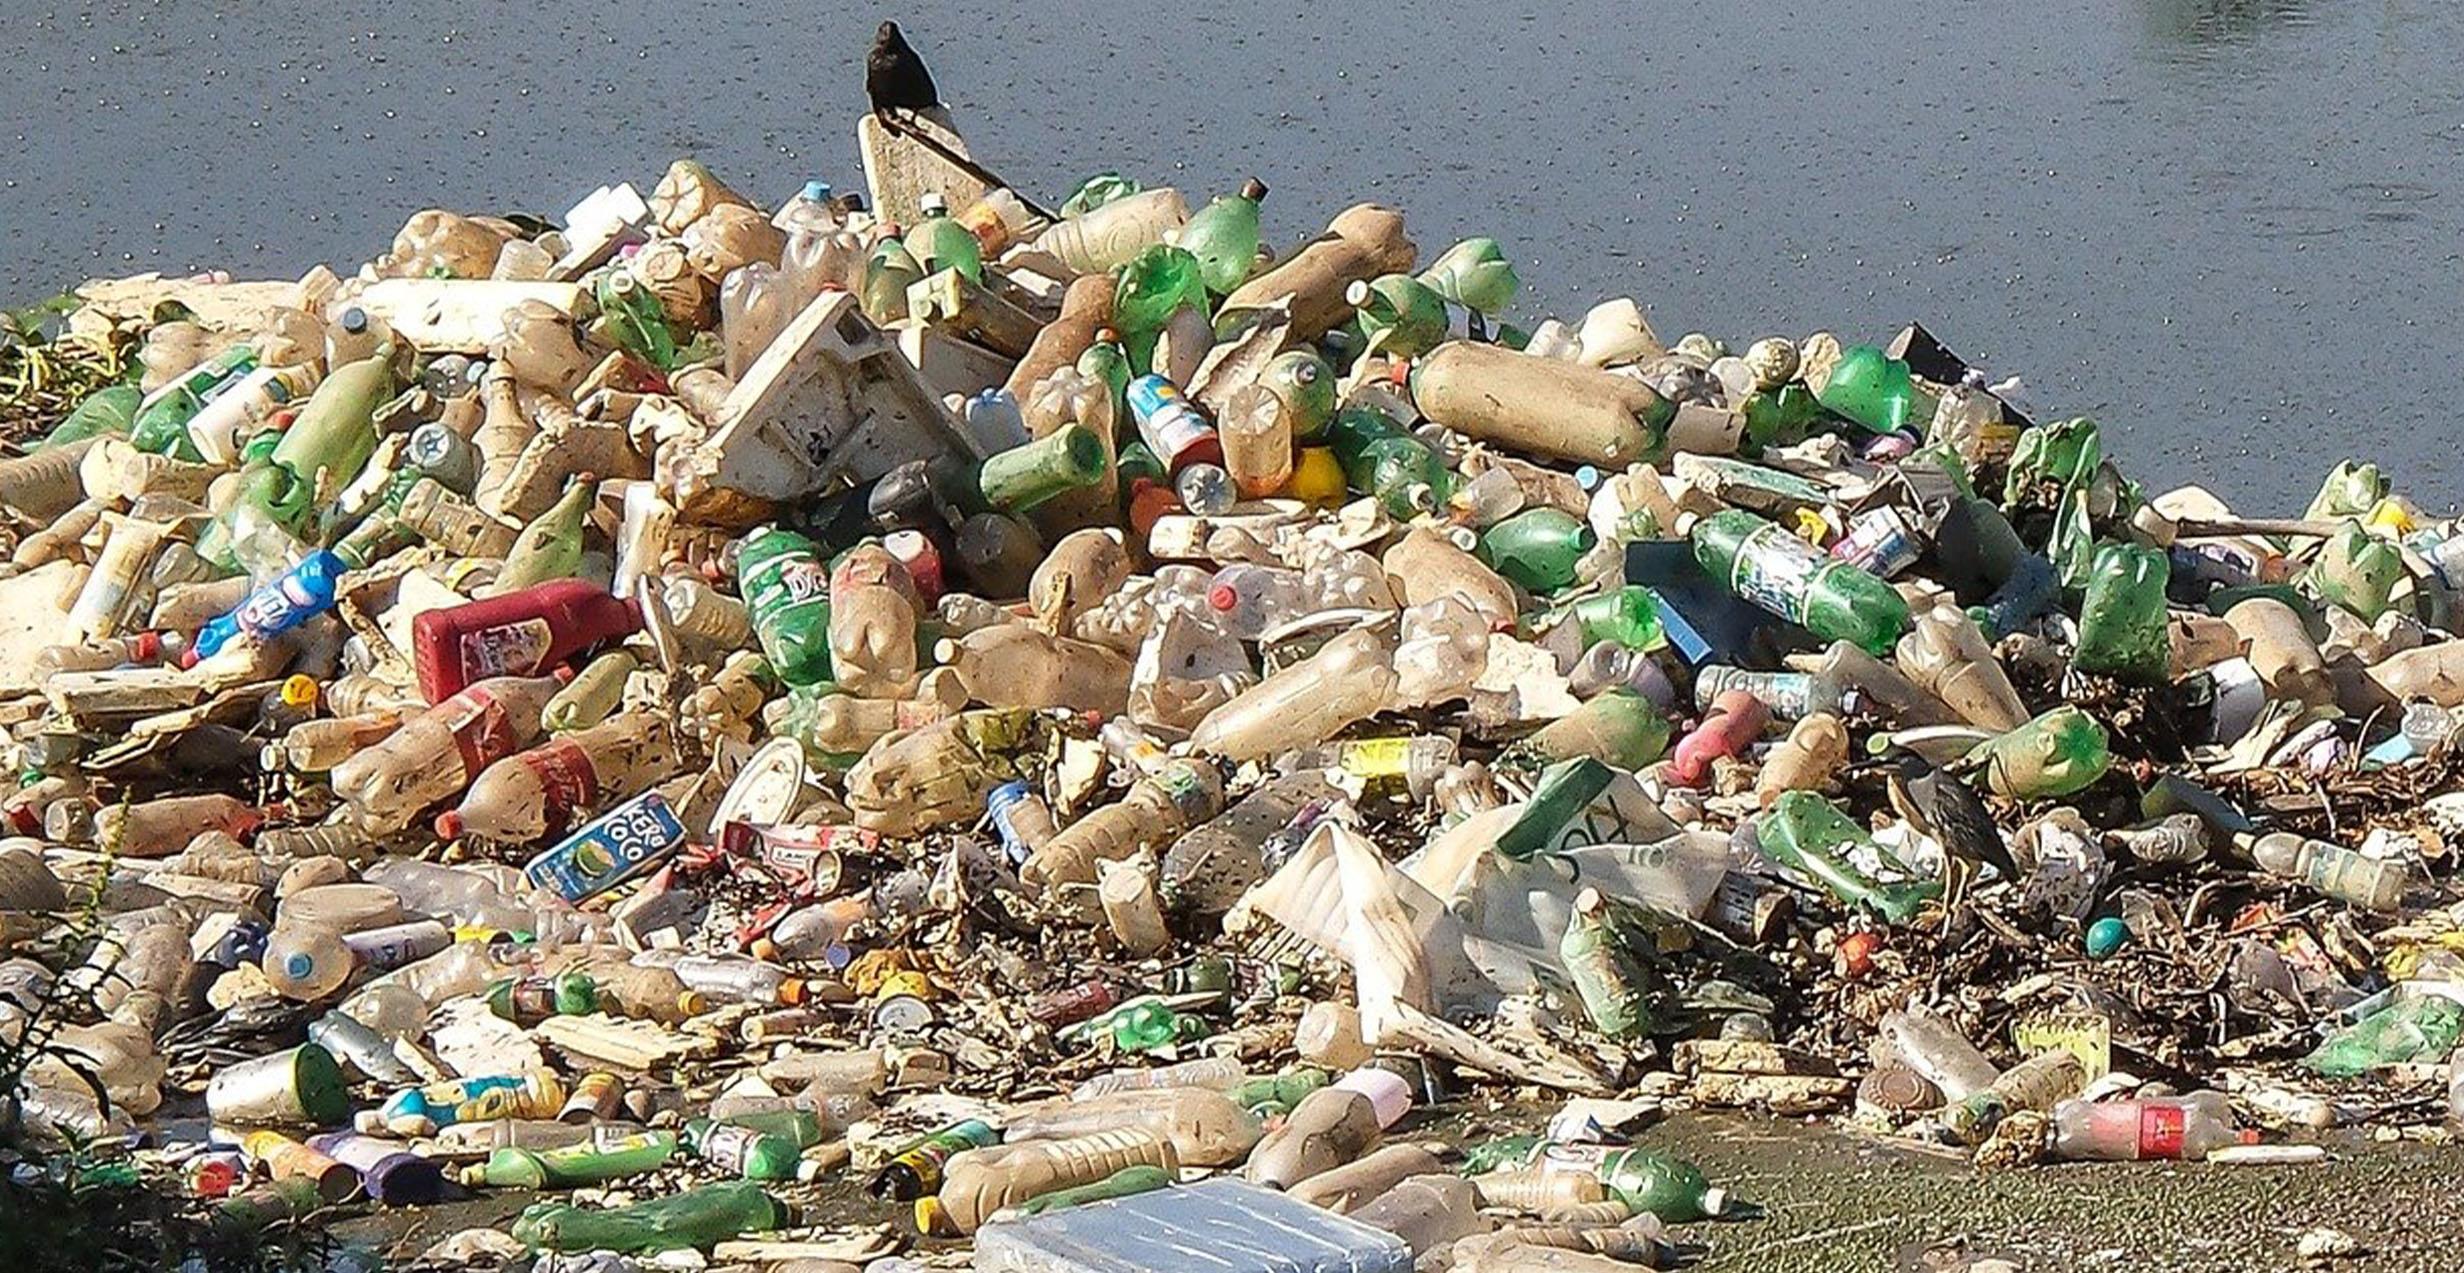 plastik-krise